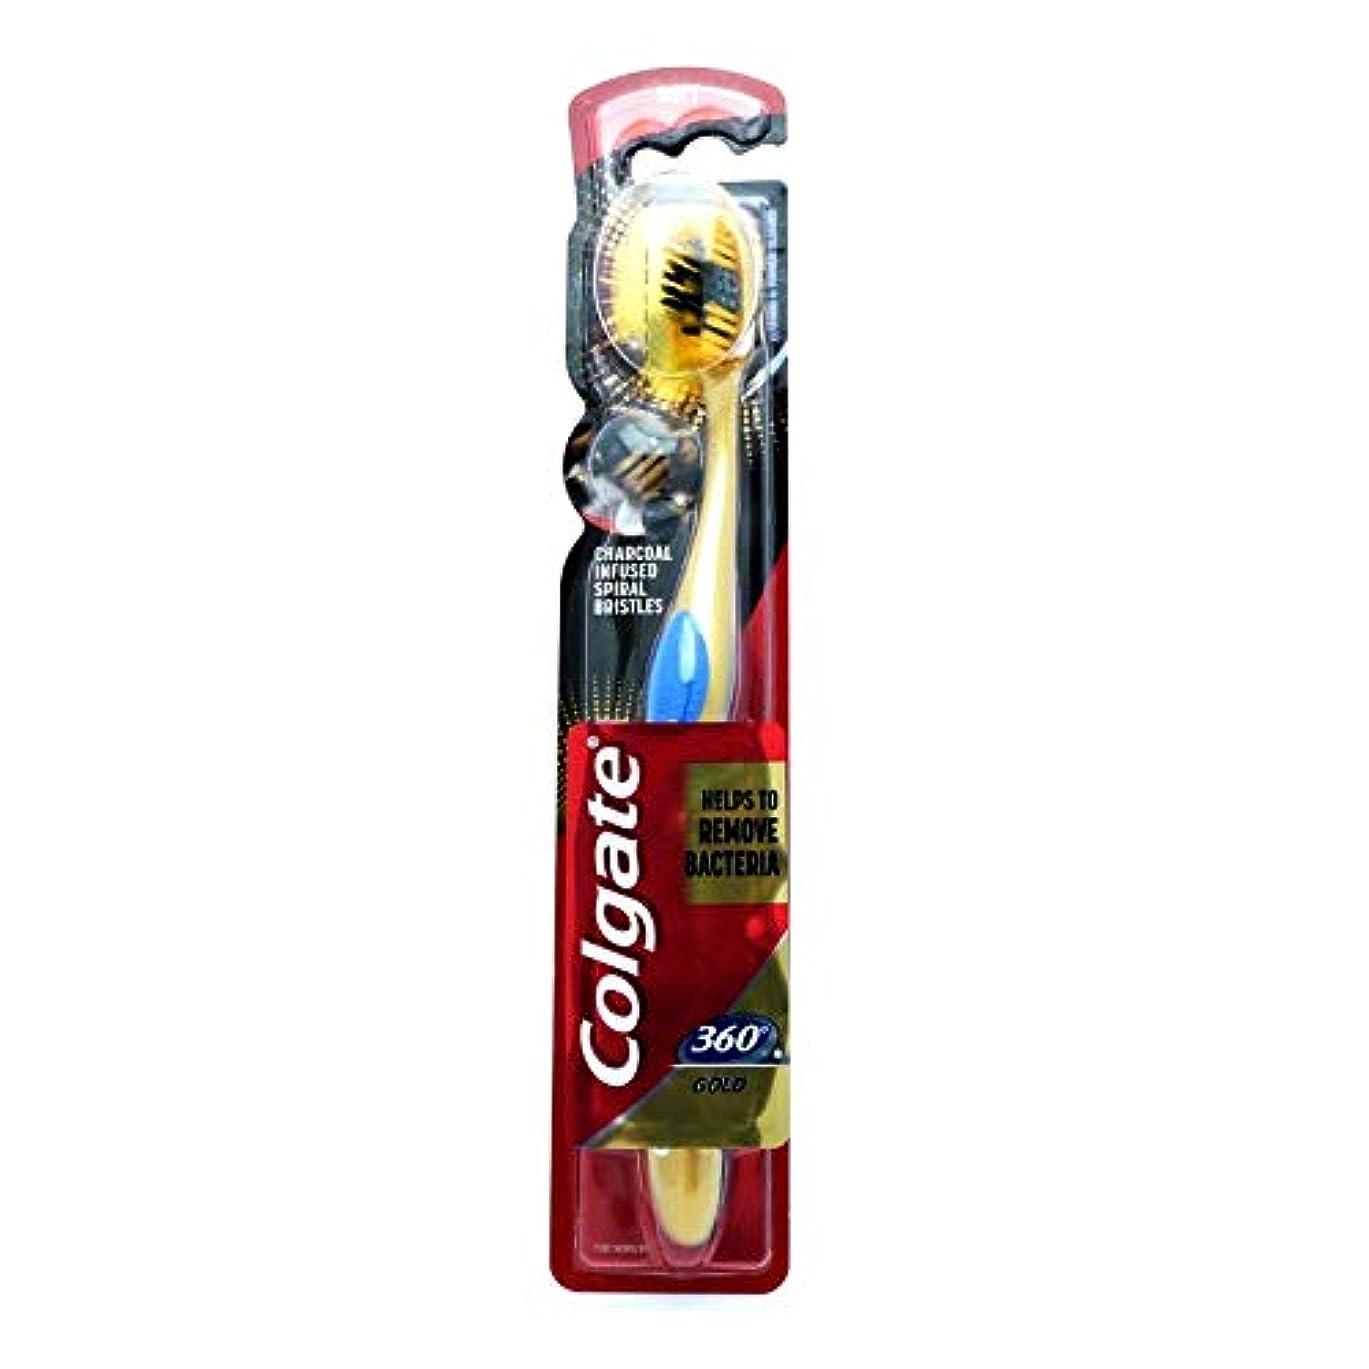 二十フリース壁Colgate Toothbrush Soft Charcoal Infused Spiral Bristles 360 GOLD Helps To Remove Bacteria